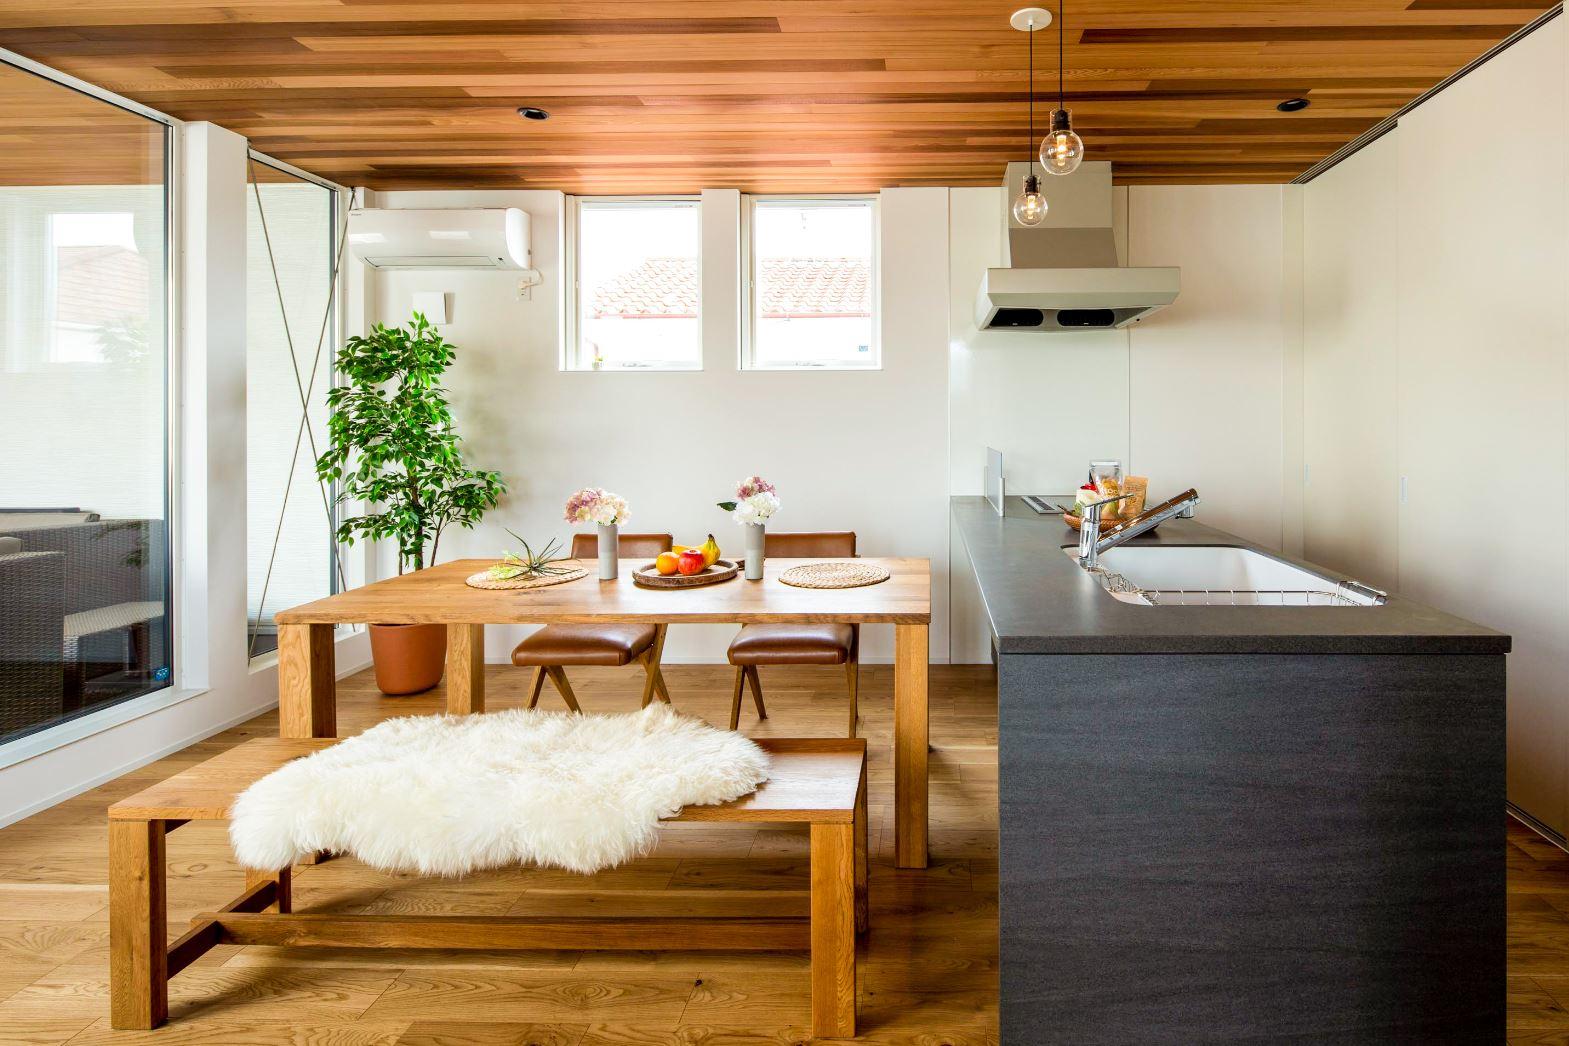 スタイルカーサ【浜松市中区飯田町・モデルハウス】2階のダイニングキッチン。床は無垢オーク材、天井はレッドシダーを貼り、木のぬくもりを感じる。シンプルで洗練されたデザインのキッチンはTOCLAS製。白い引き戸でバックヤードの食器や調理家電を隠せるので生活感が出ない